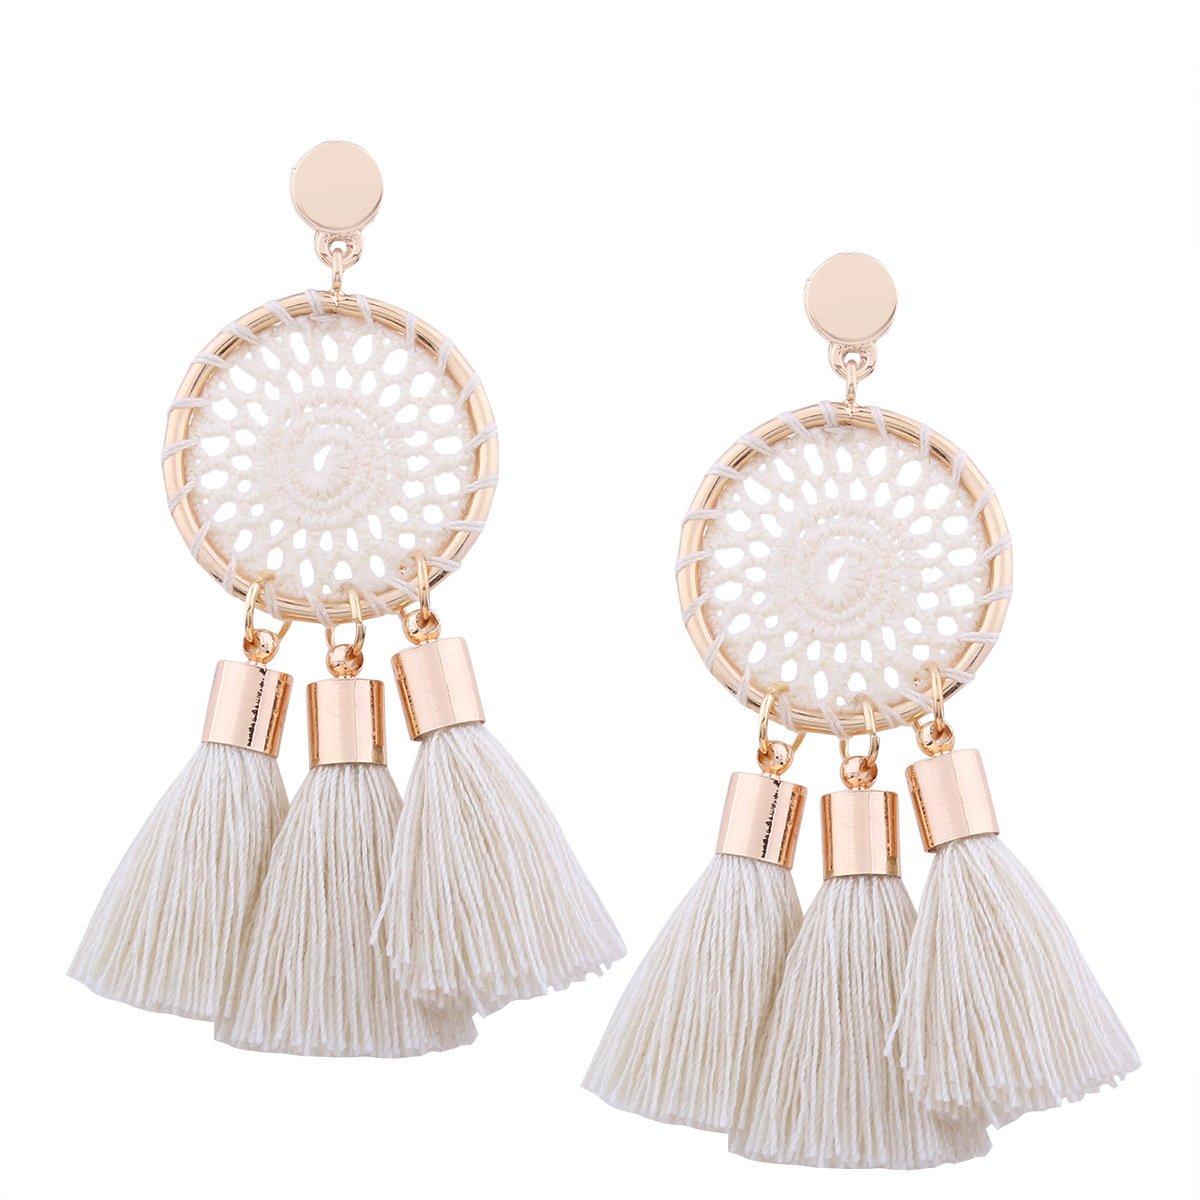 Tassel Earrings White Long Bohemian Geometric Dangle Earrings for Women